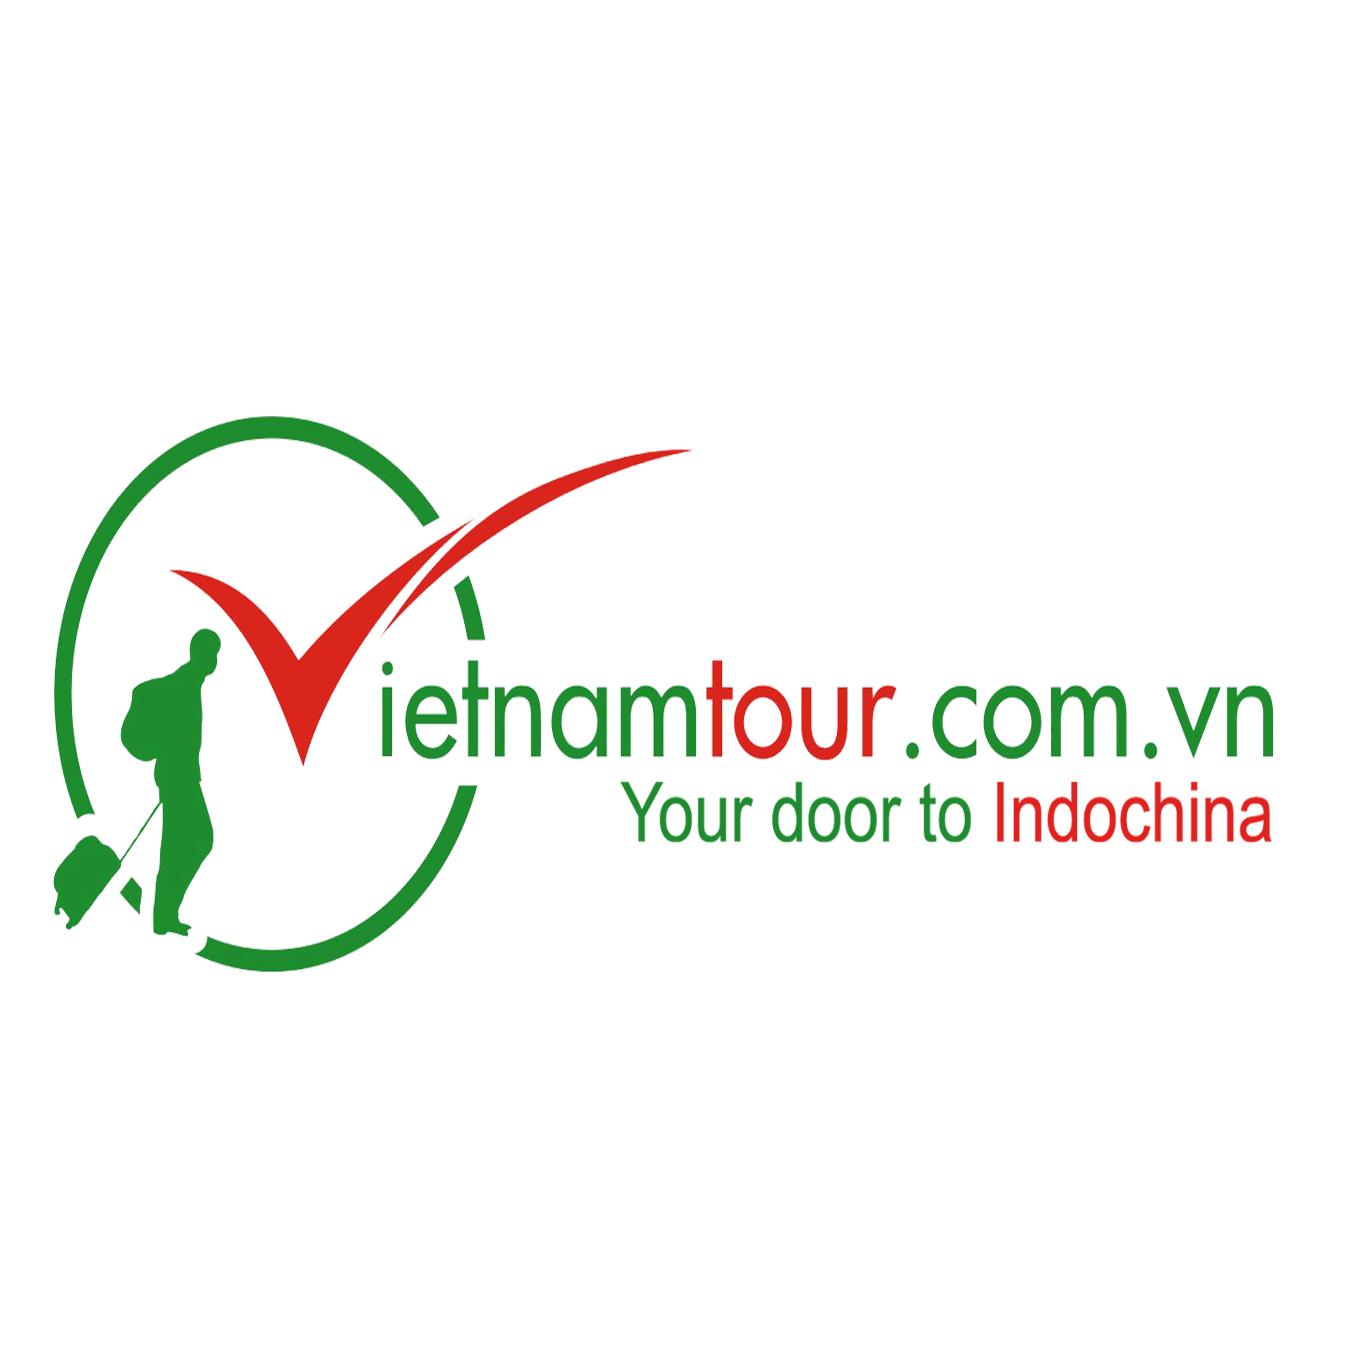 Vietnam Tour Co., Ltd